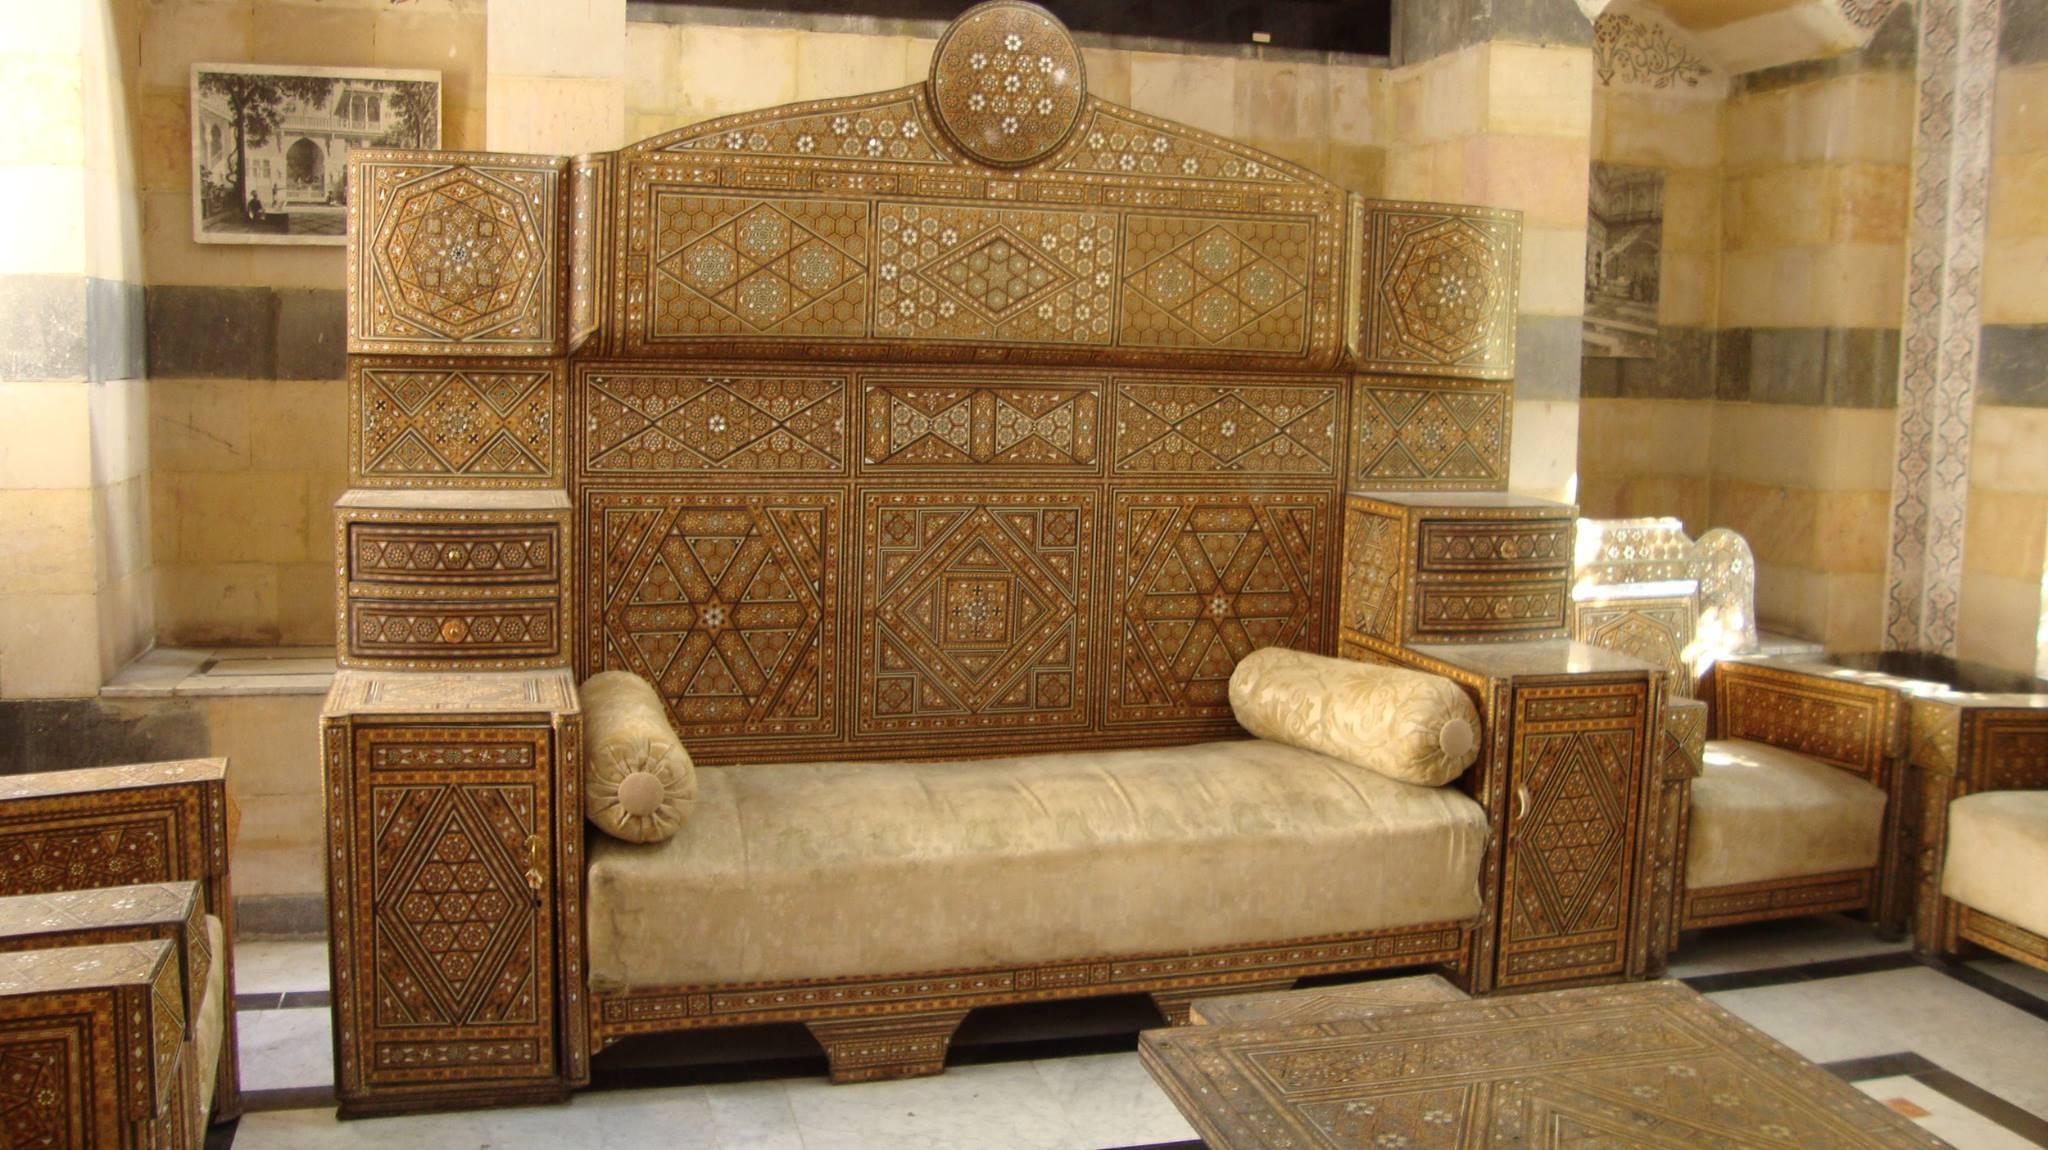 أثاث دمشقي محفوظ في متحف البيت الشامي بدمشق (مواقع التواصل الاجتماعي)